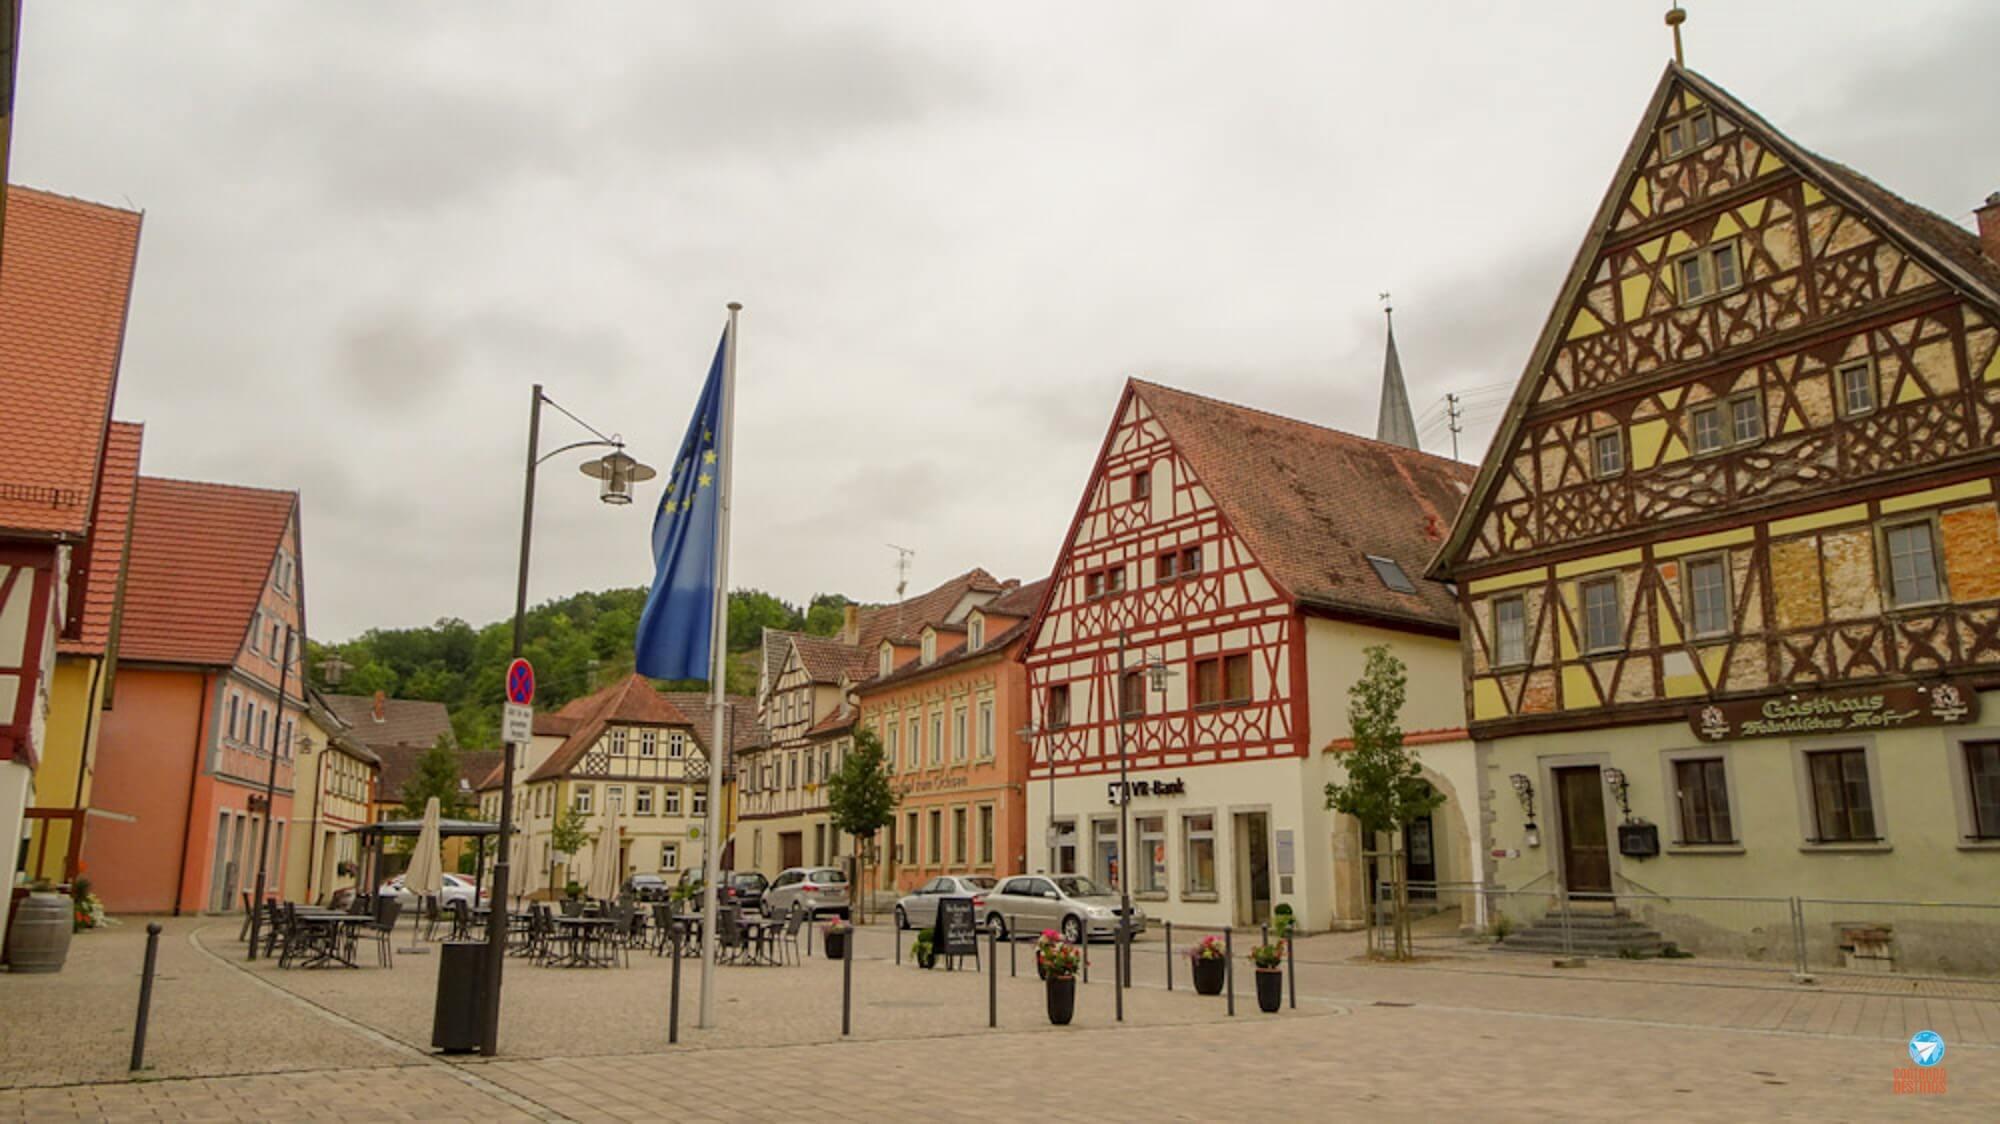 Röttingen na Rota Romântica na Alemanha